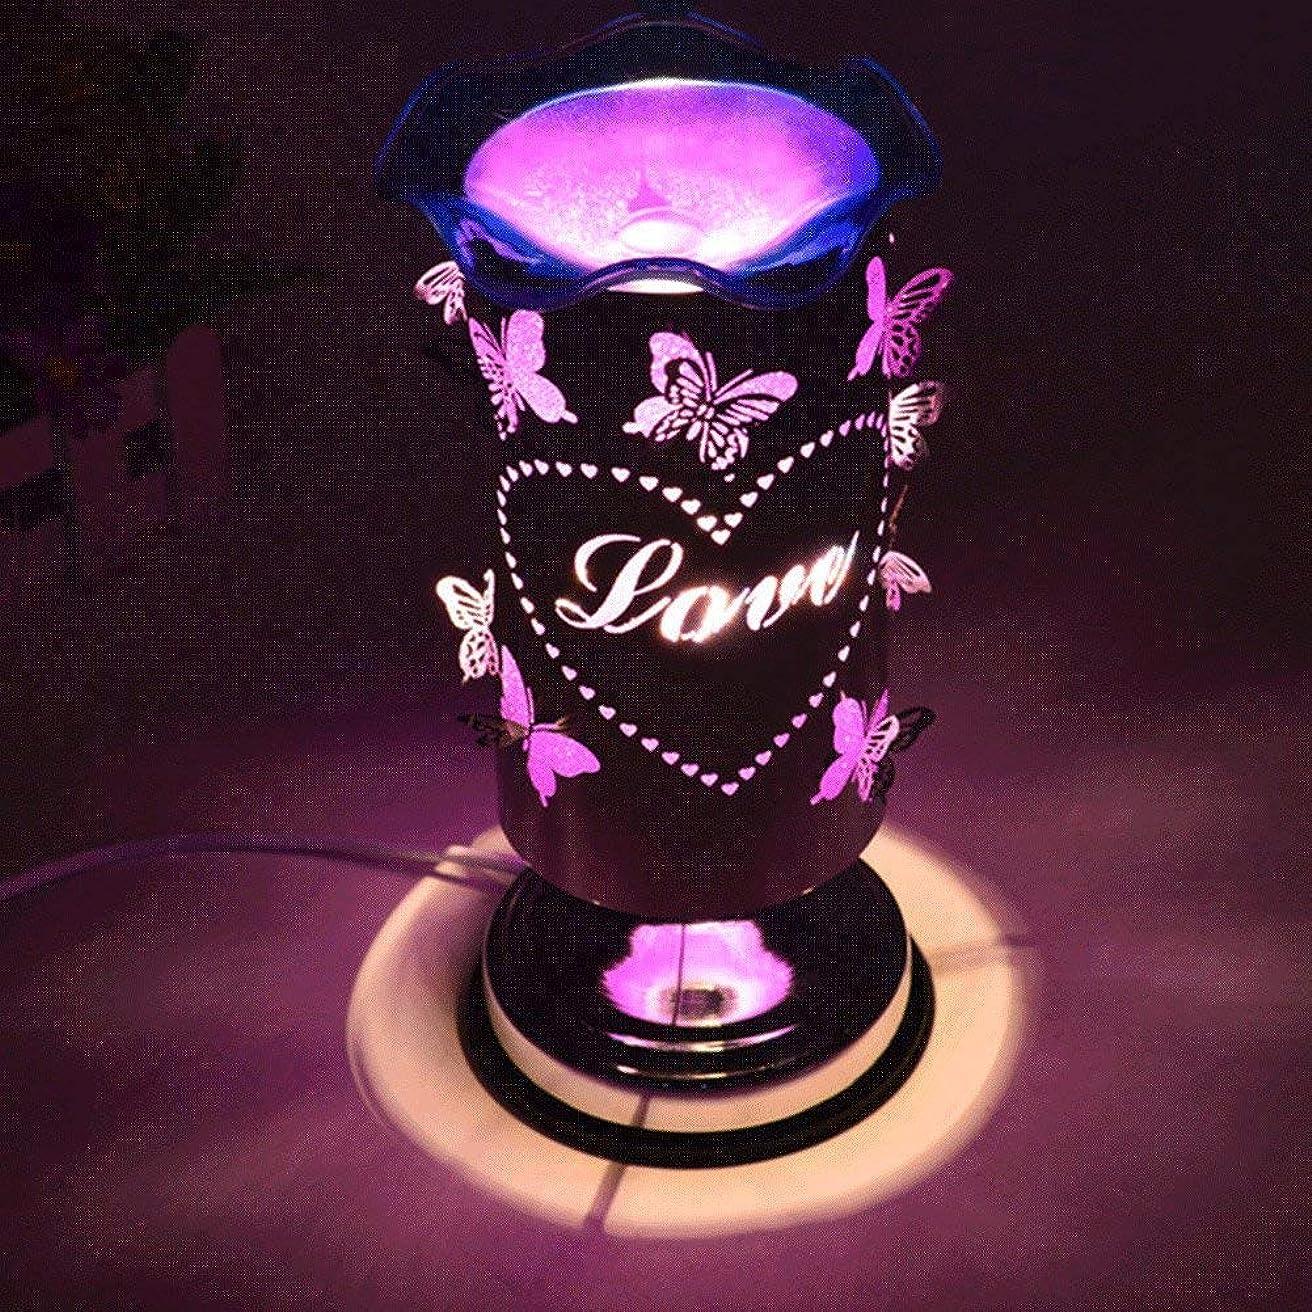 腹中傷入浴バタフライアロマランププラグイン調節可能なライトエッセンシャルオイルランプ香炉バーナーベッドサイドデスクランプロマンチックギフトアロマランプ